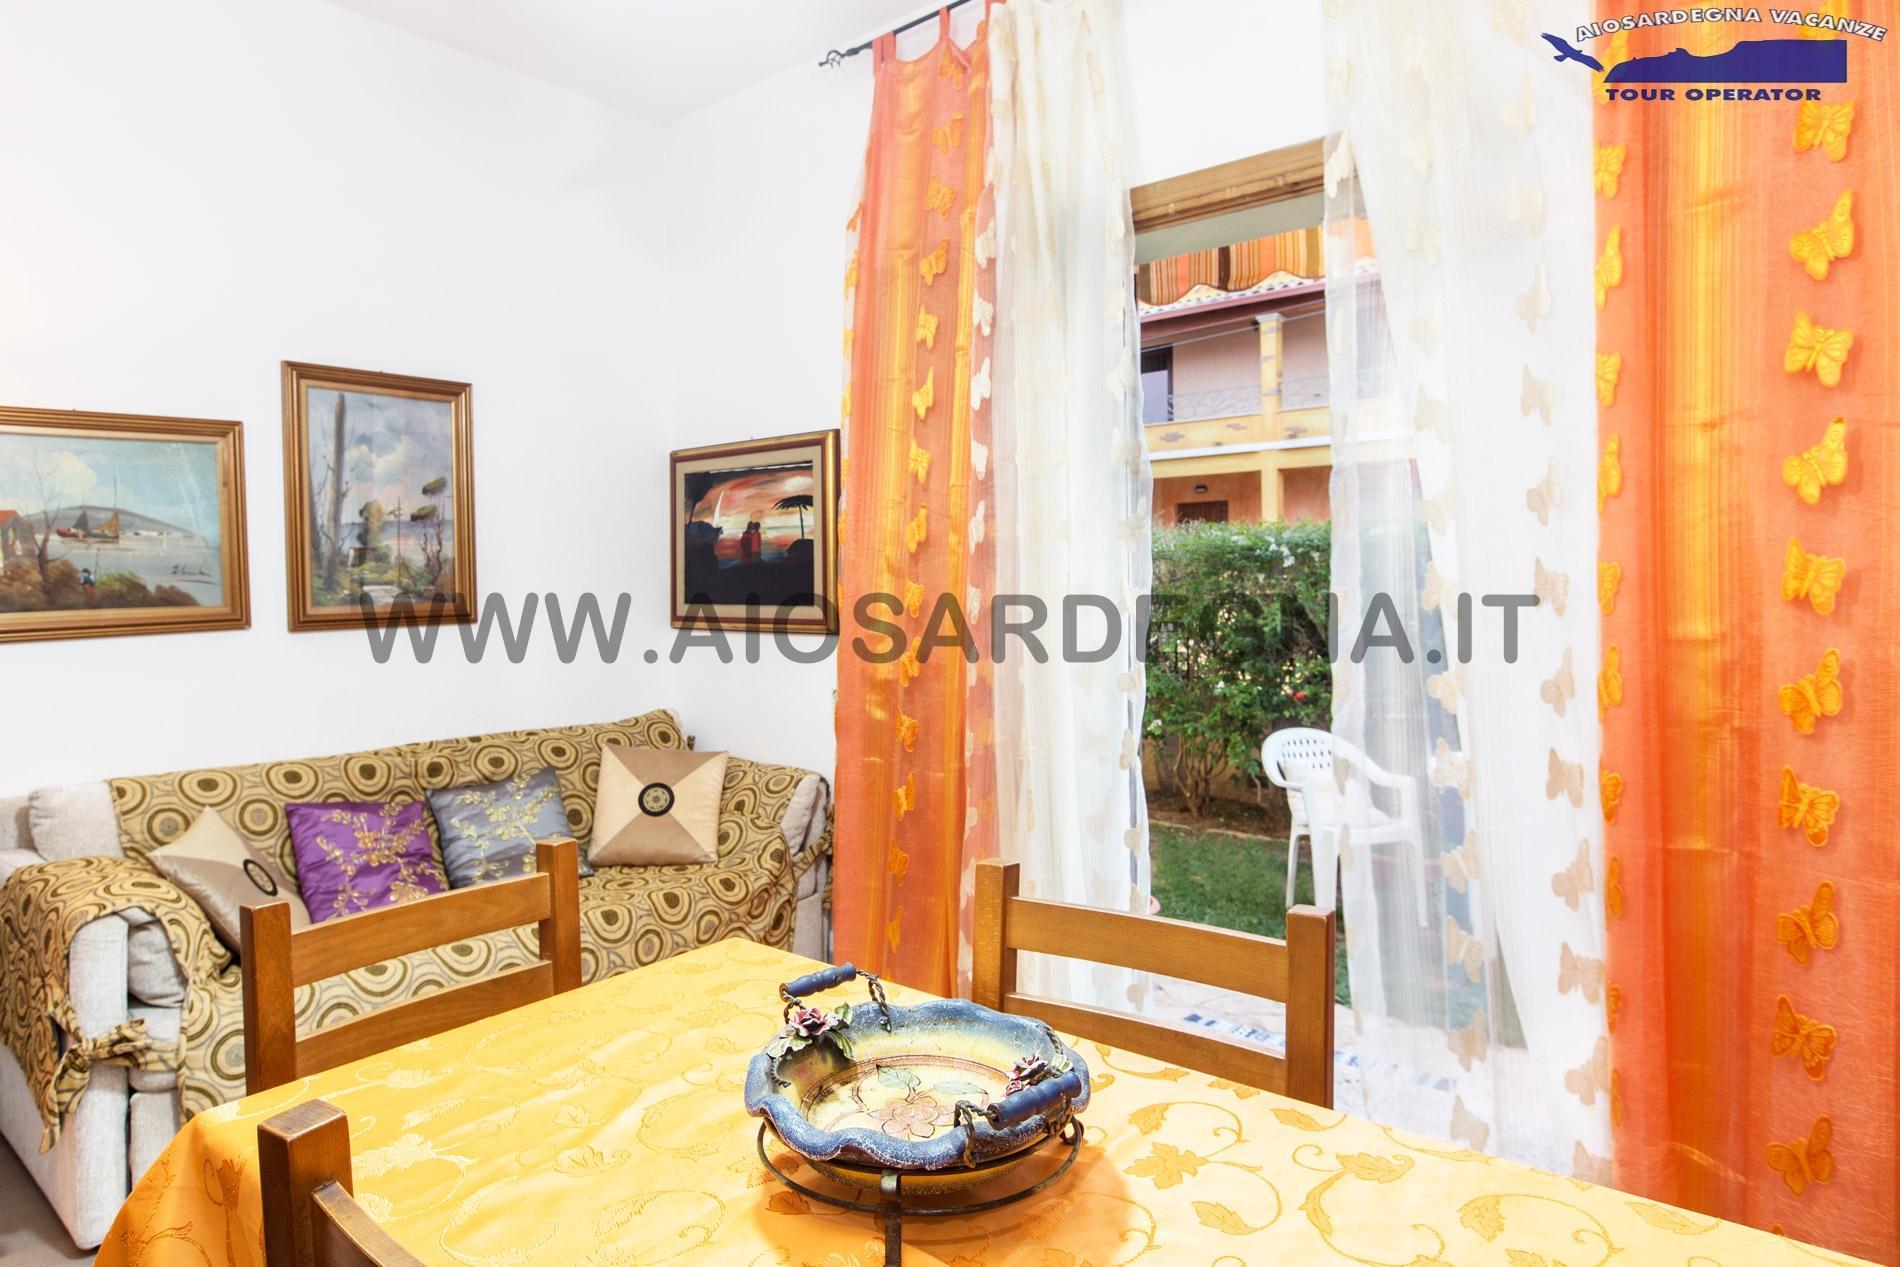 Maison Une 2 pièces avec Jardin WiFi Pula Sud Sardaigne